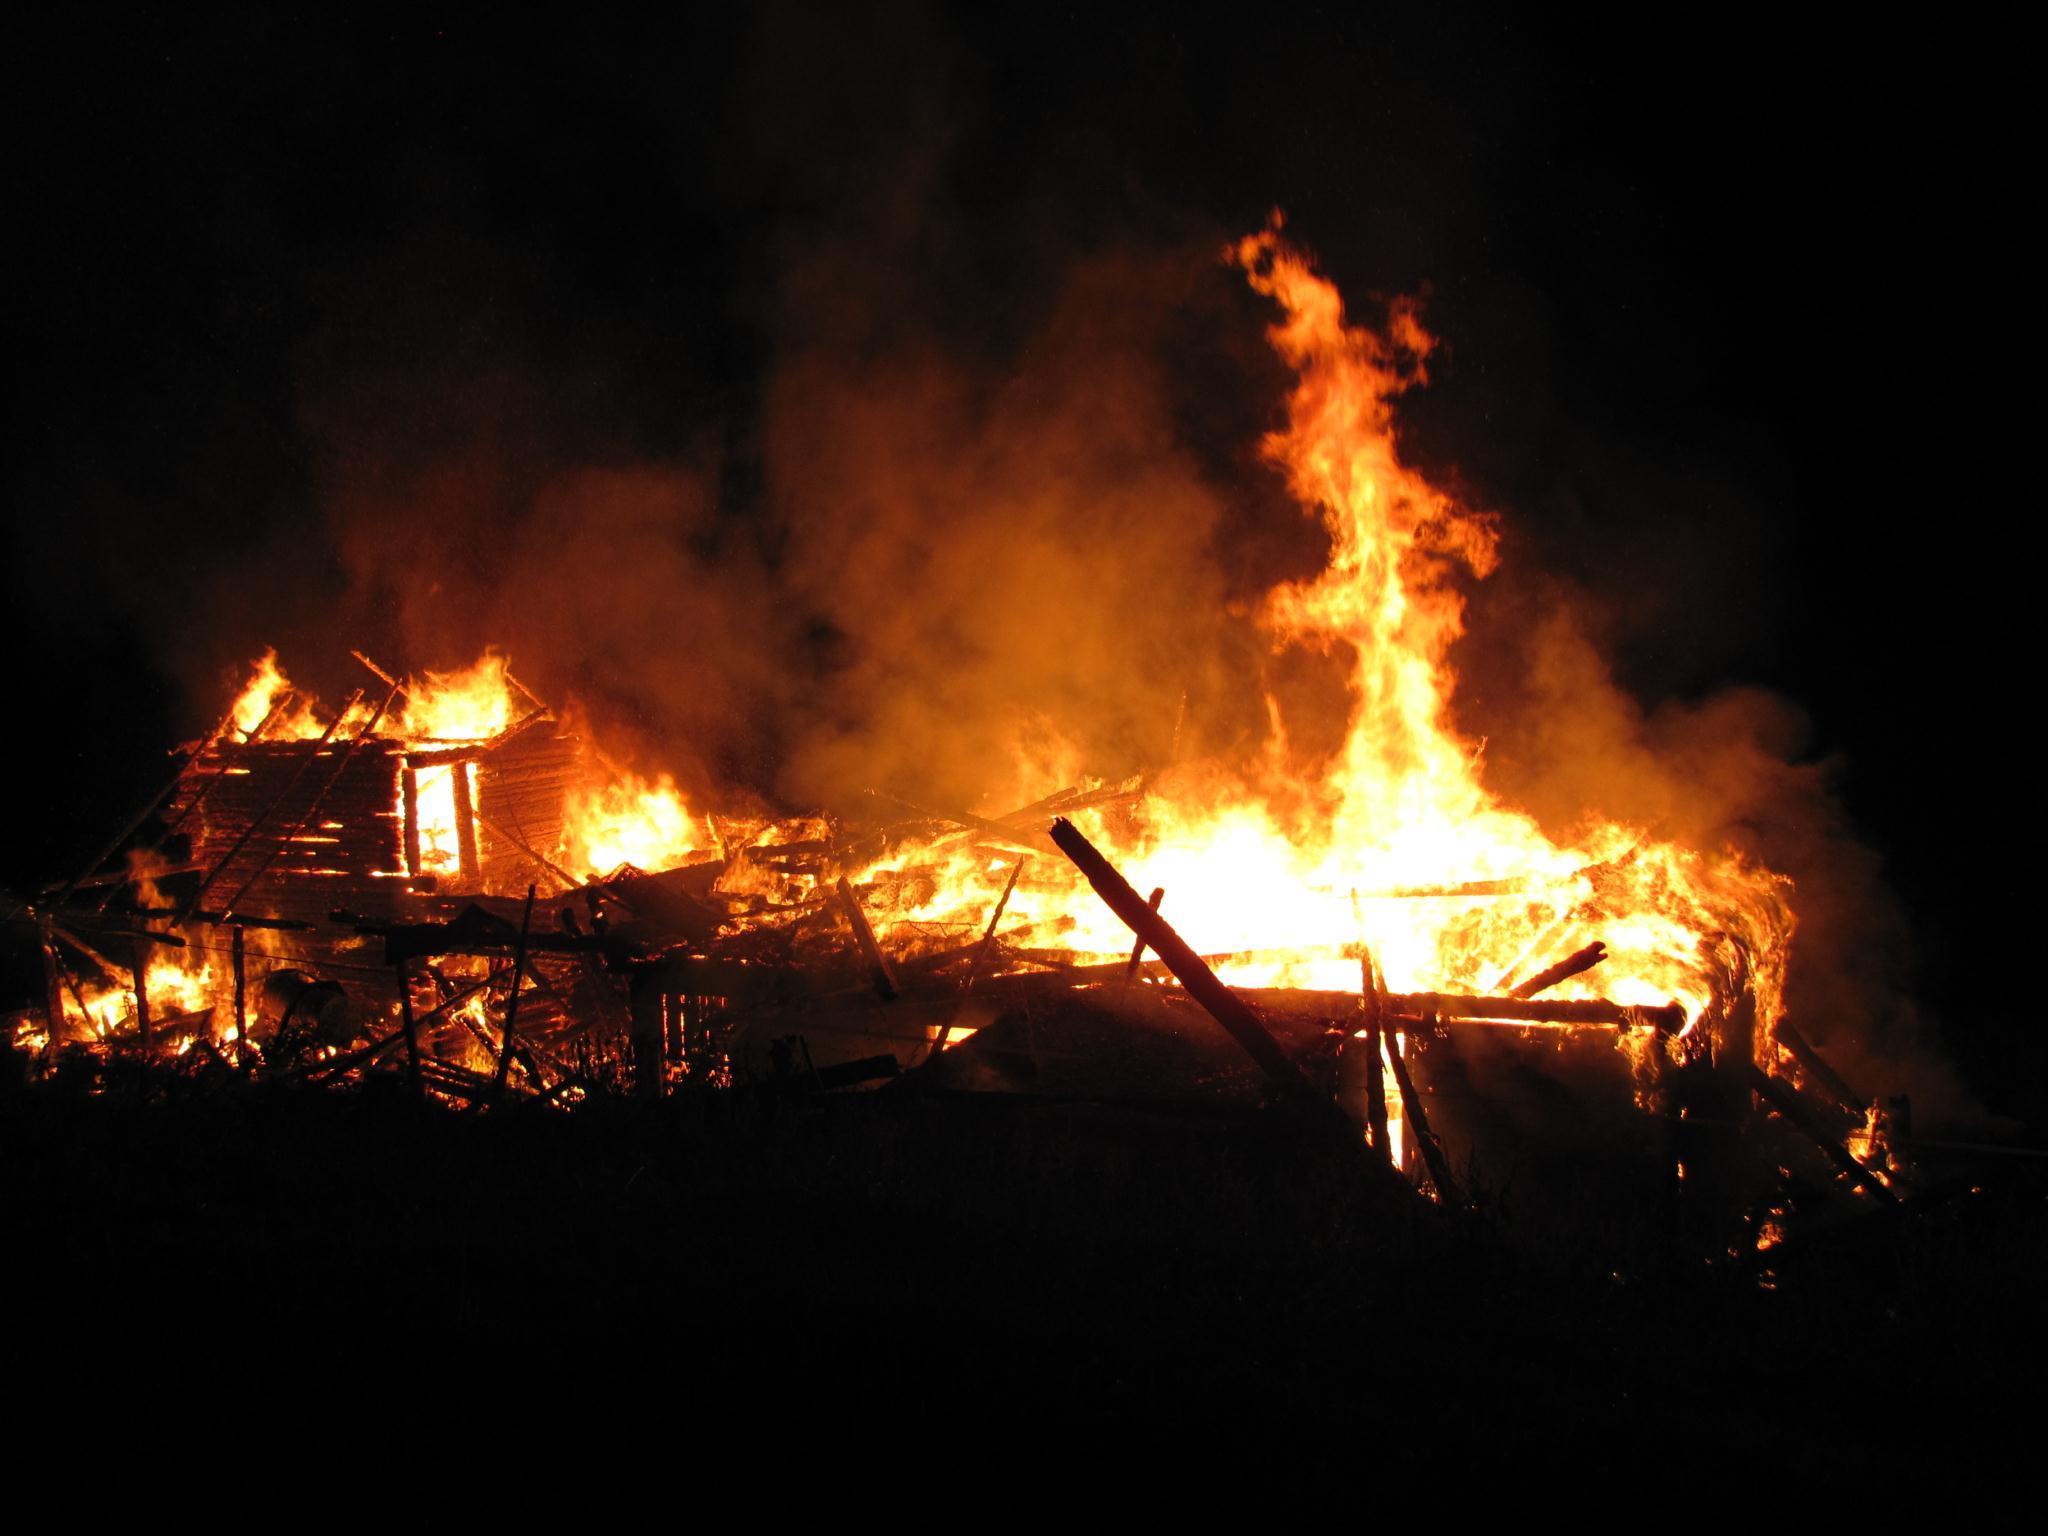 Hütte brannte komplett nieder.